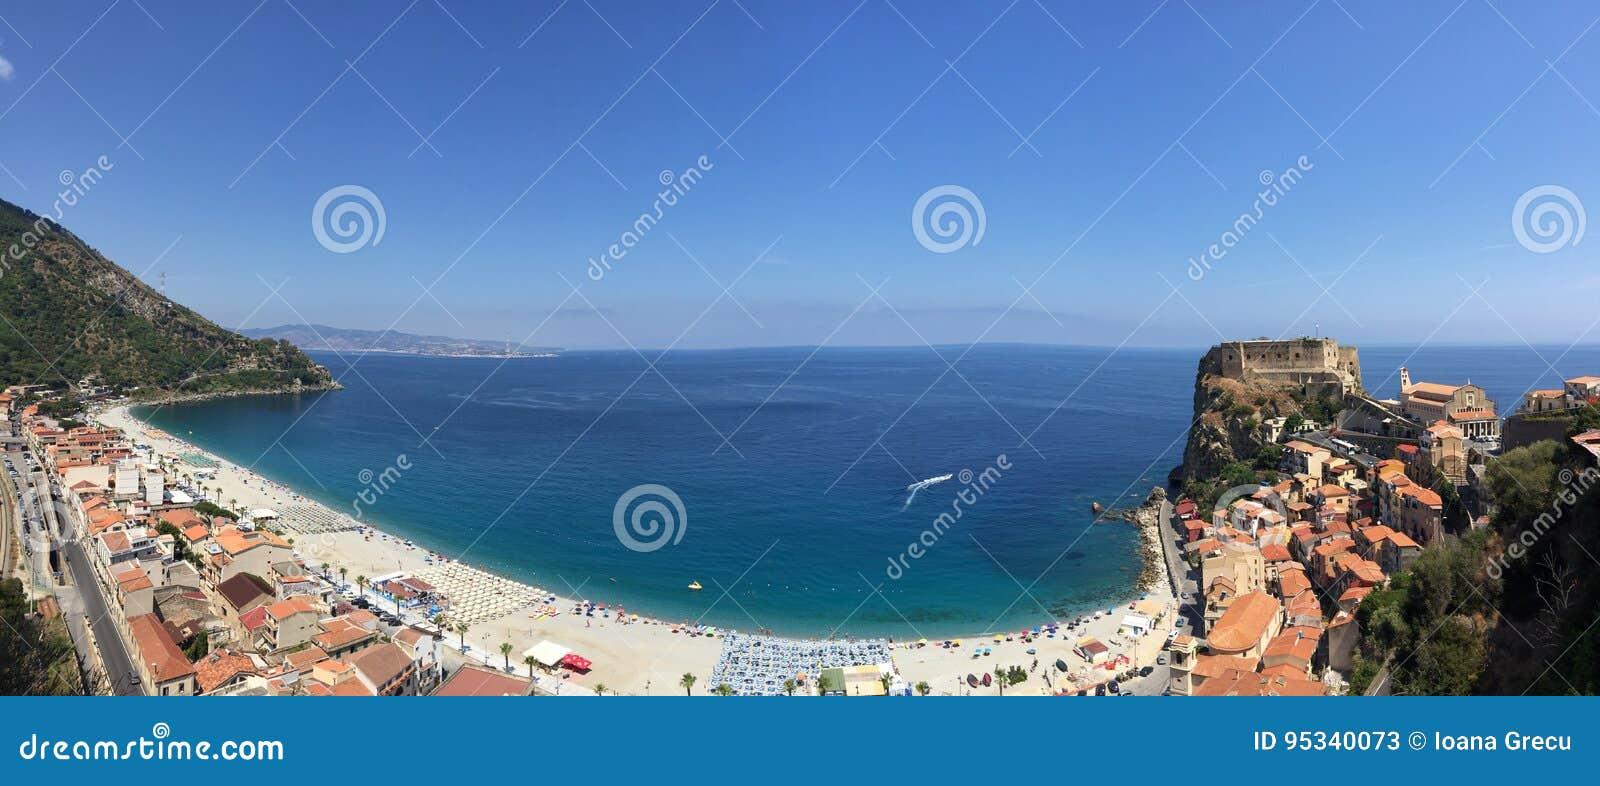 Beach town of Scilla